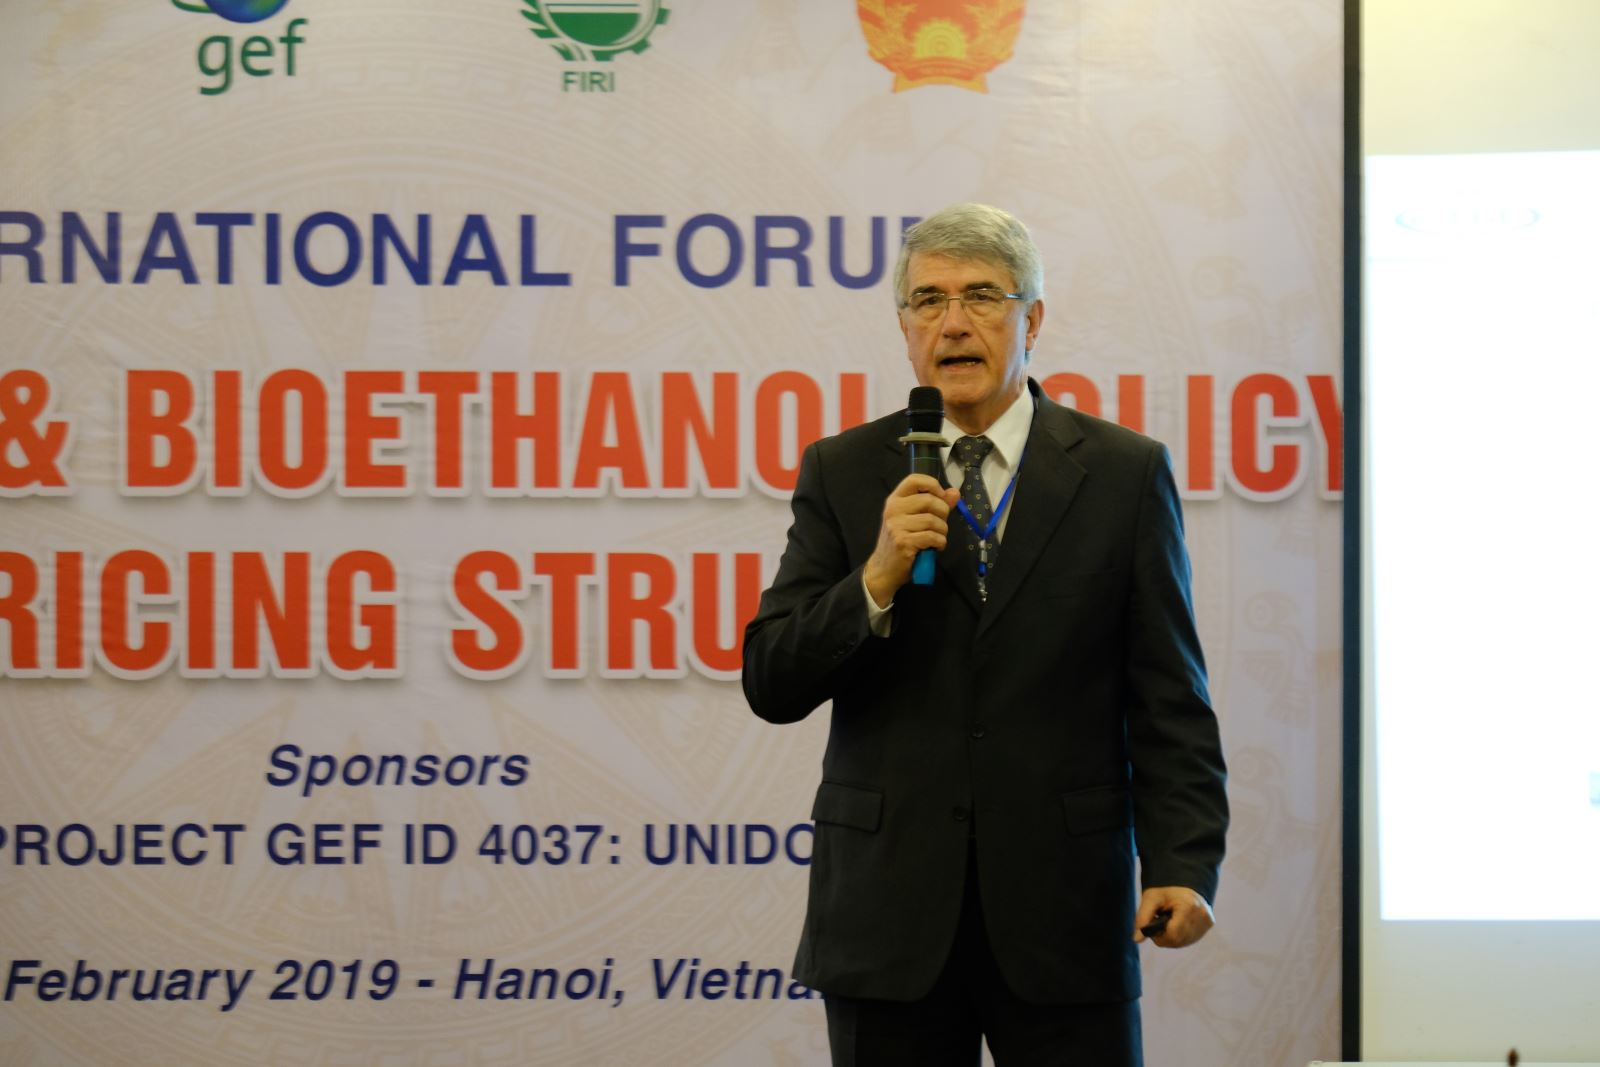 TS. Antonio Bonomi- Phòng thí nghiệm khoa học và kỹ thuật về ethanol sinh học- Brazil trình bày tham luận về Sản xuất và Sử dụng Xăng Sinh học và Ethanol Sinh học tại Brazil